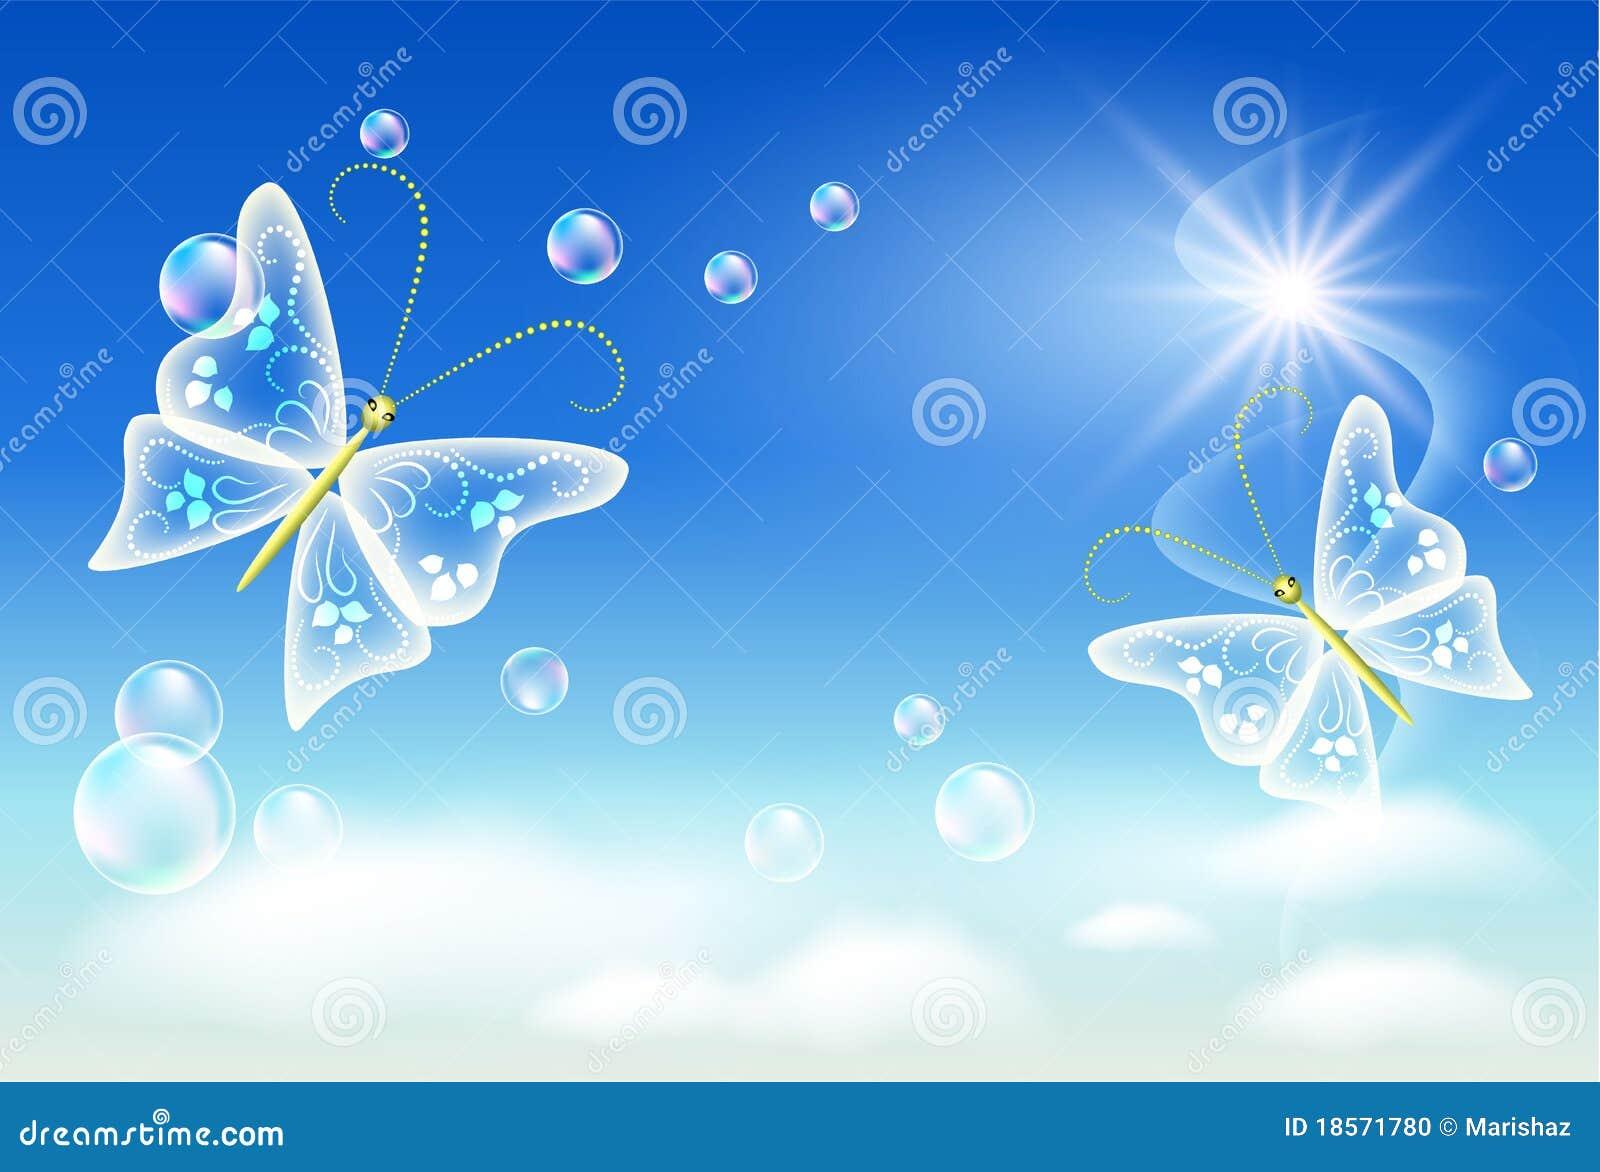 Hemel, wolken, bellen en vlinder. Symbool van ecologie schone lucht.: nl.dreamstime.com/stock-foto-symbool-van-ecologie-schone-lucht...